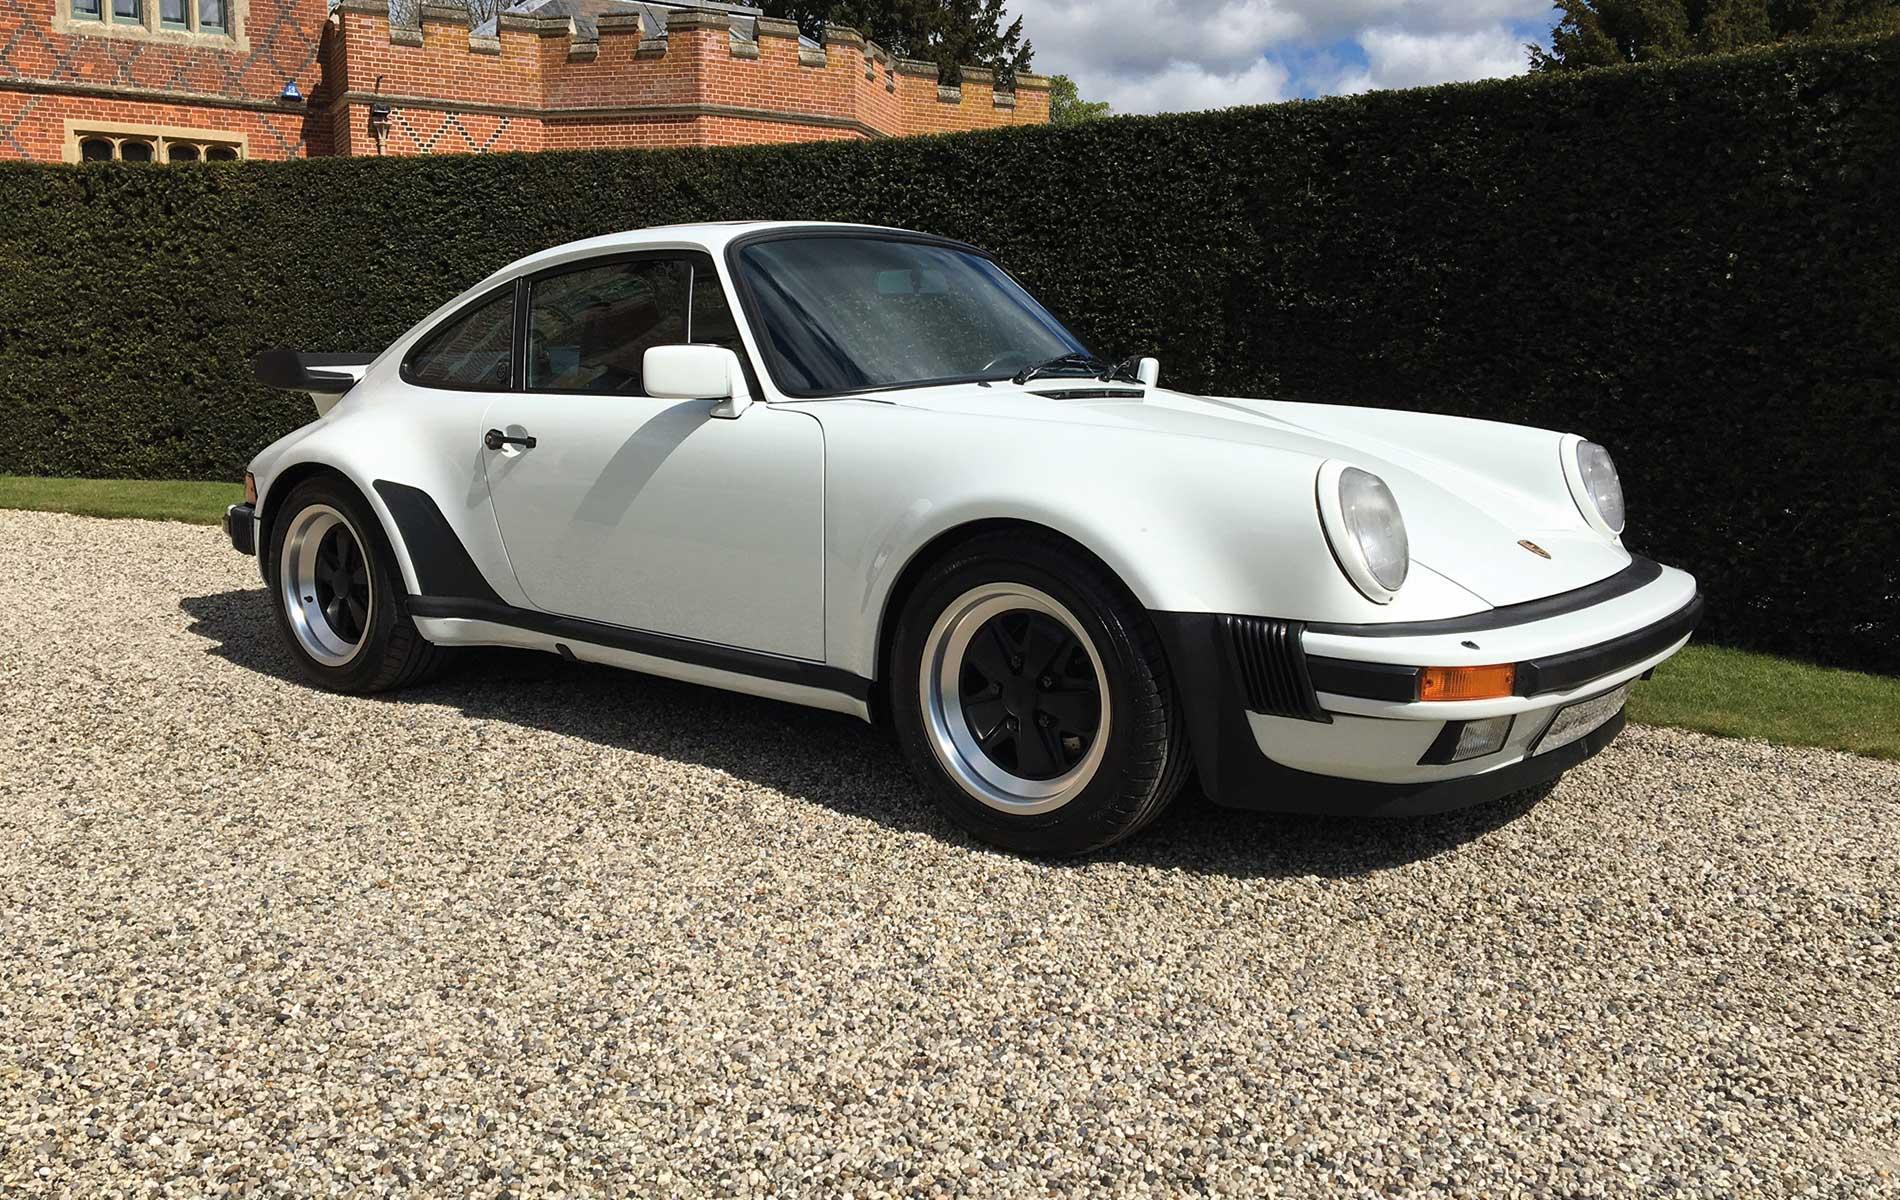 hrb_automotive_1986_Porsche_911_Turbo_05_17_3